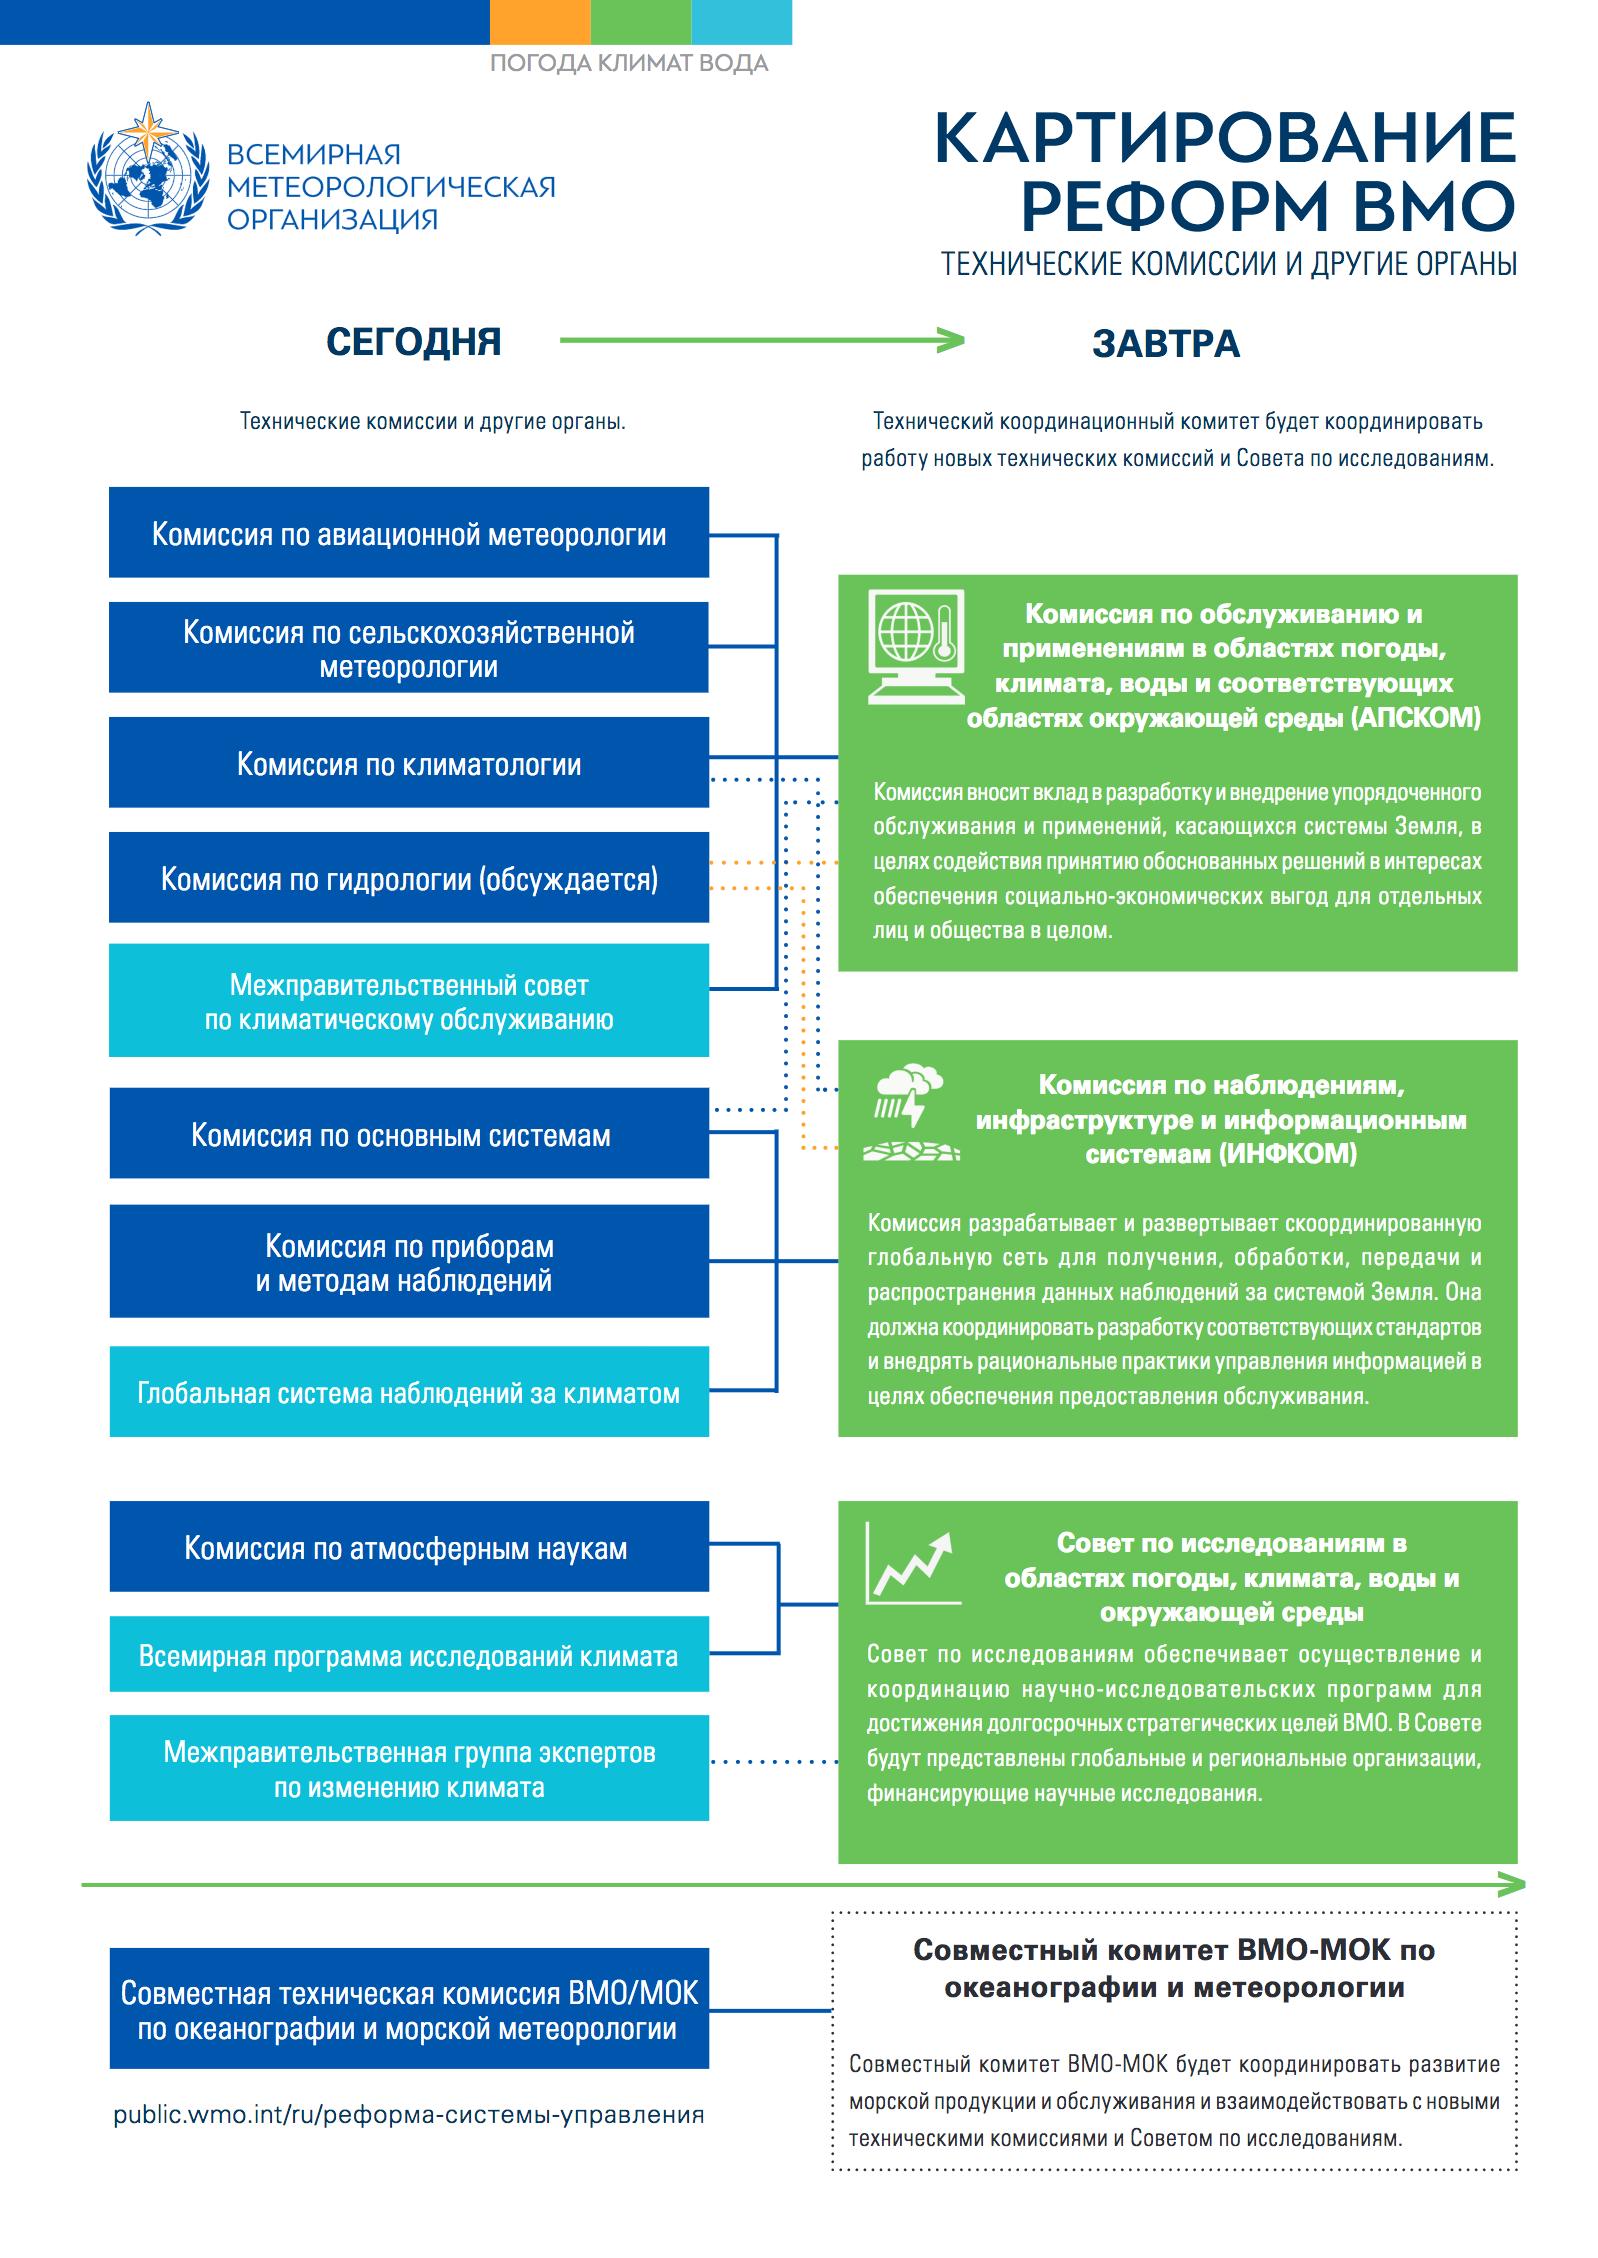 Картирование Реформ ВМО: технические комиссии и другие органы